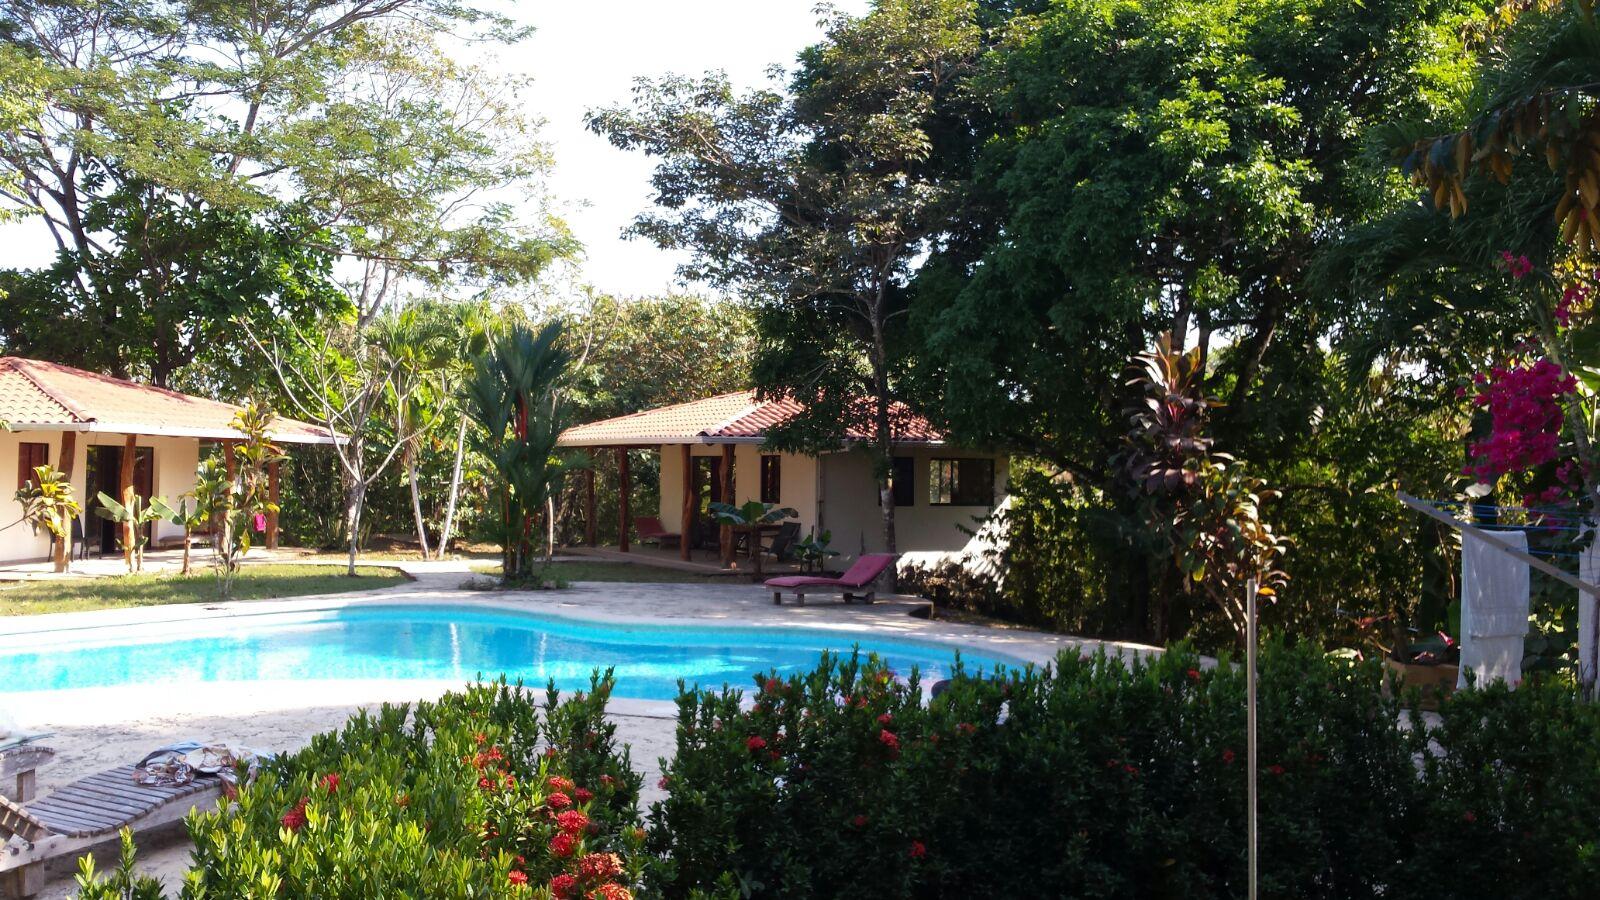 Piscina en jardin pequeo latest jardin y piscina with for Casas con jardin y piscina